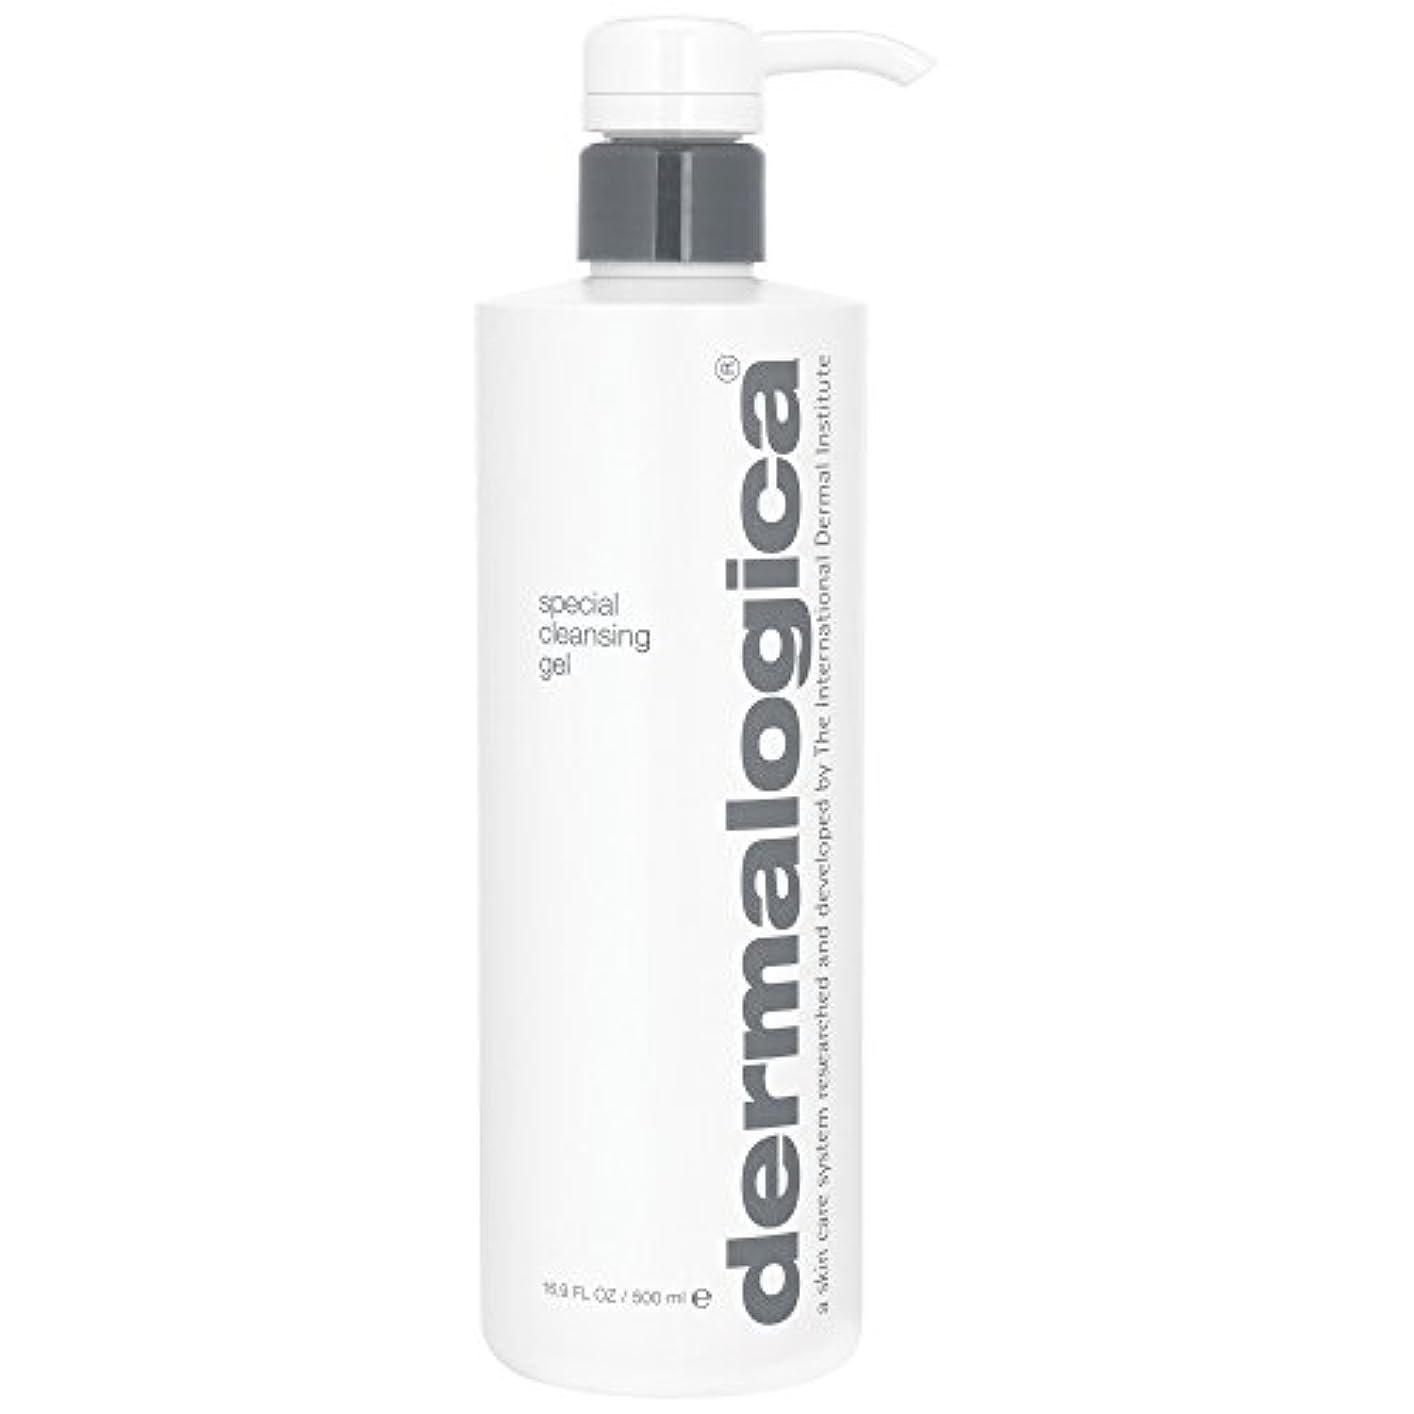 ダーマロジカ特別なクレンジングゲル500ミリリットル (Dermalogica) (x2) - Dermalogica Special Cleansing Gel 500ml (Pack of 2) [並行輸入品]